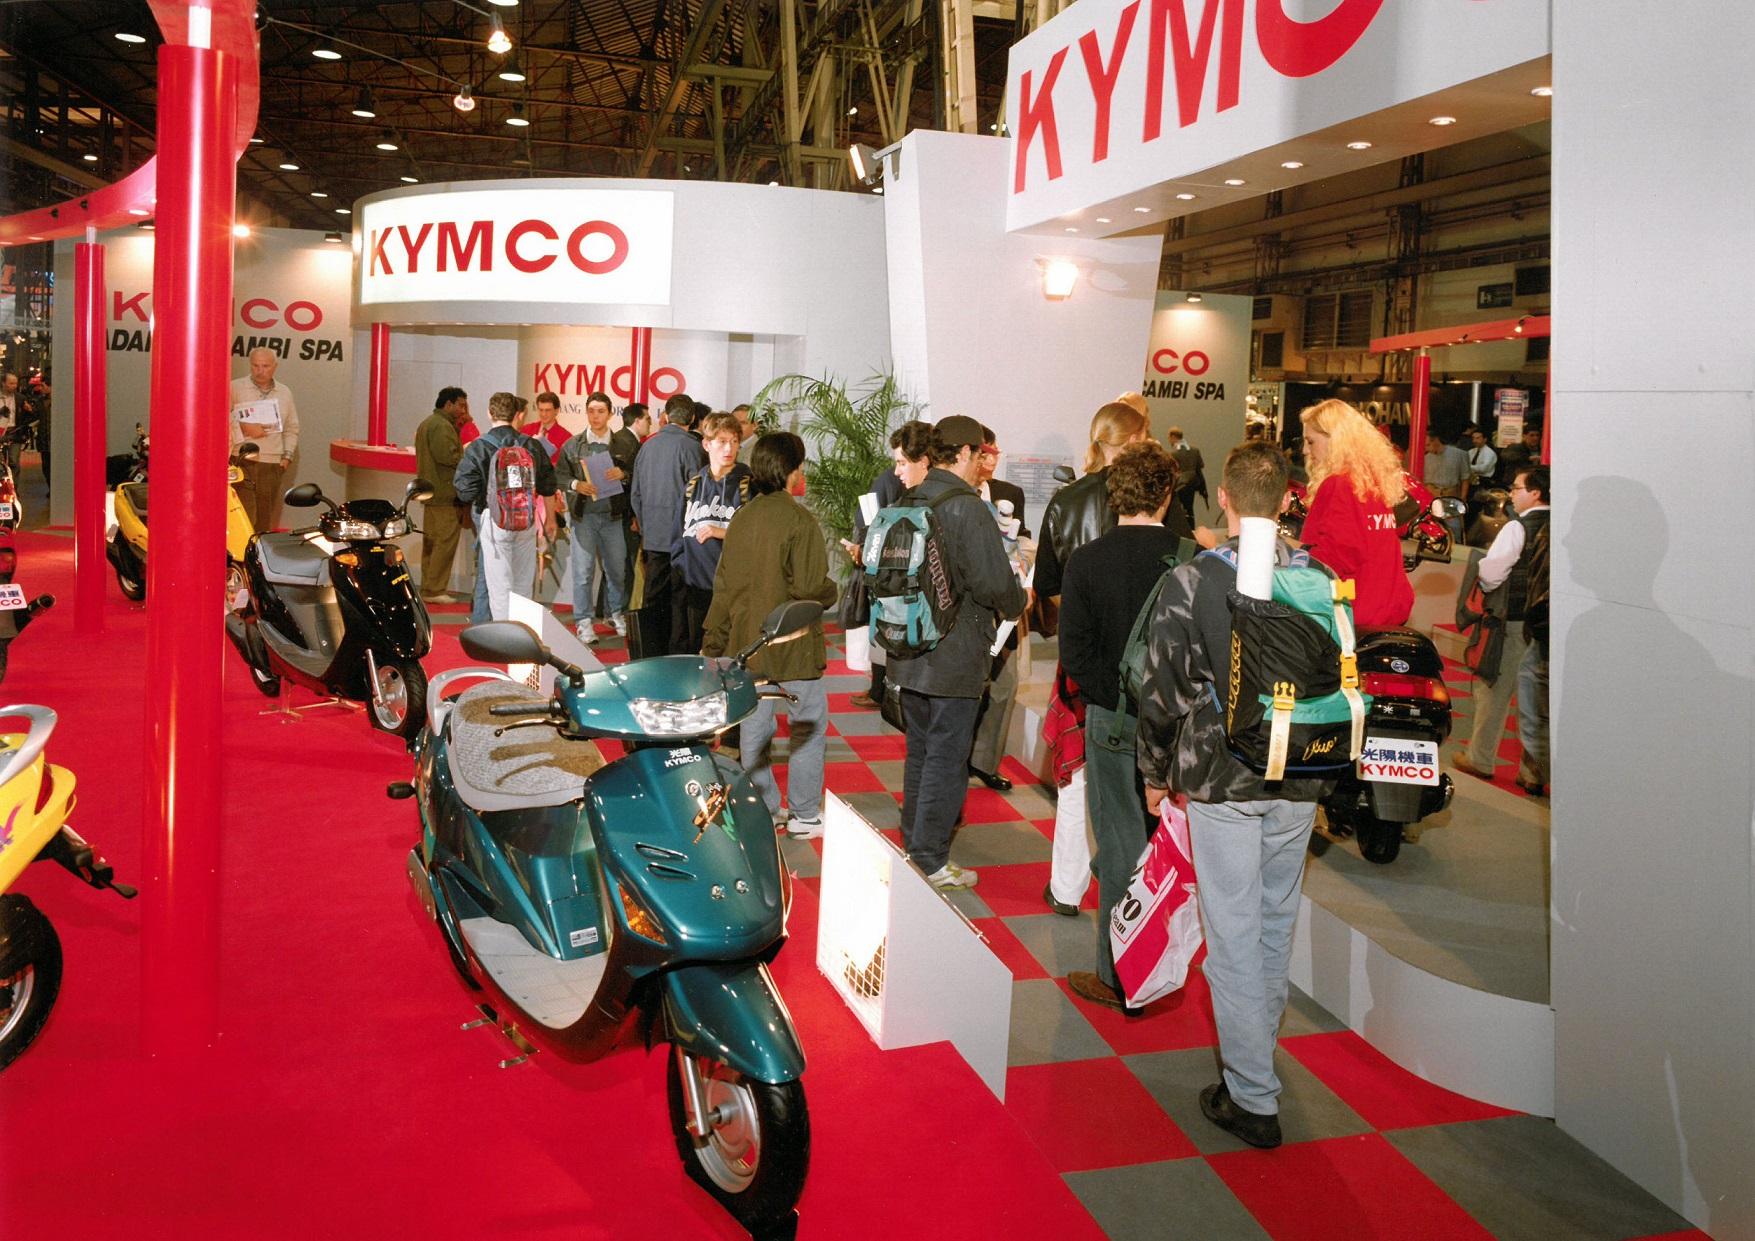 1993 年官方正式參展的攤位實景圖。1992 年,光陽與本田正式結束合作關係,改用自創的「KYMCO」品牌行銷國際迄今達108國,全球累計銷售超過千萬台 Kymco 機車。